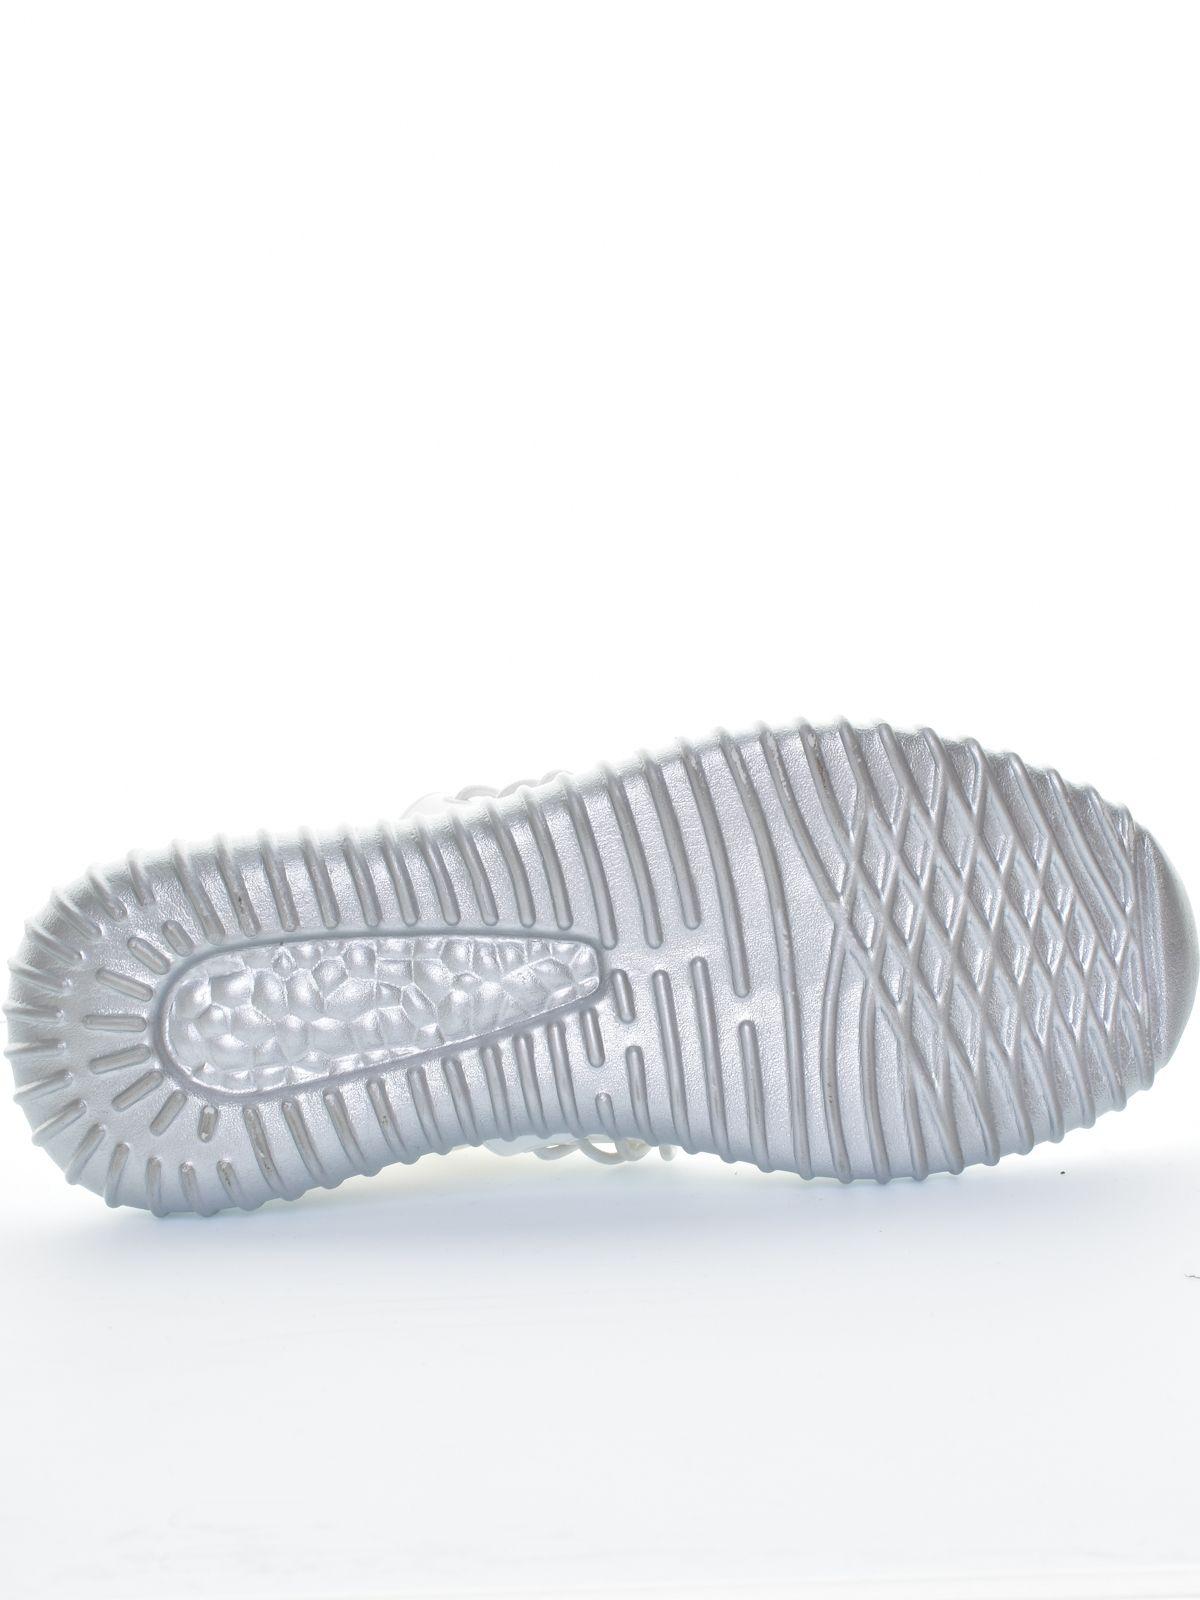 METAL Markasbolt cipő ALMERA Devergo női Akciós hu Hivatalos qwxRIZT